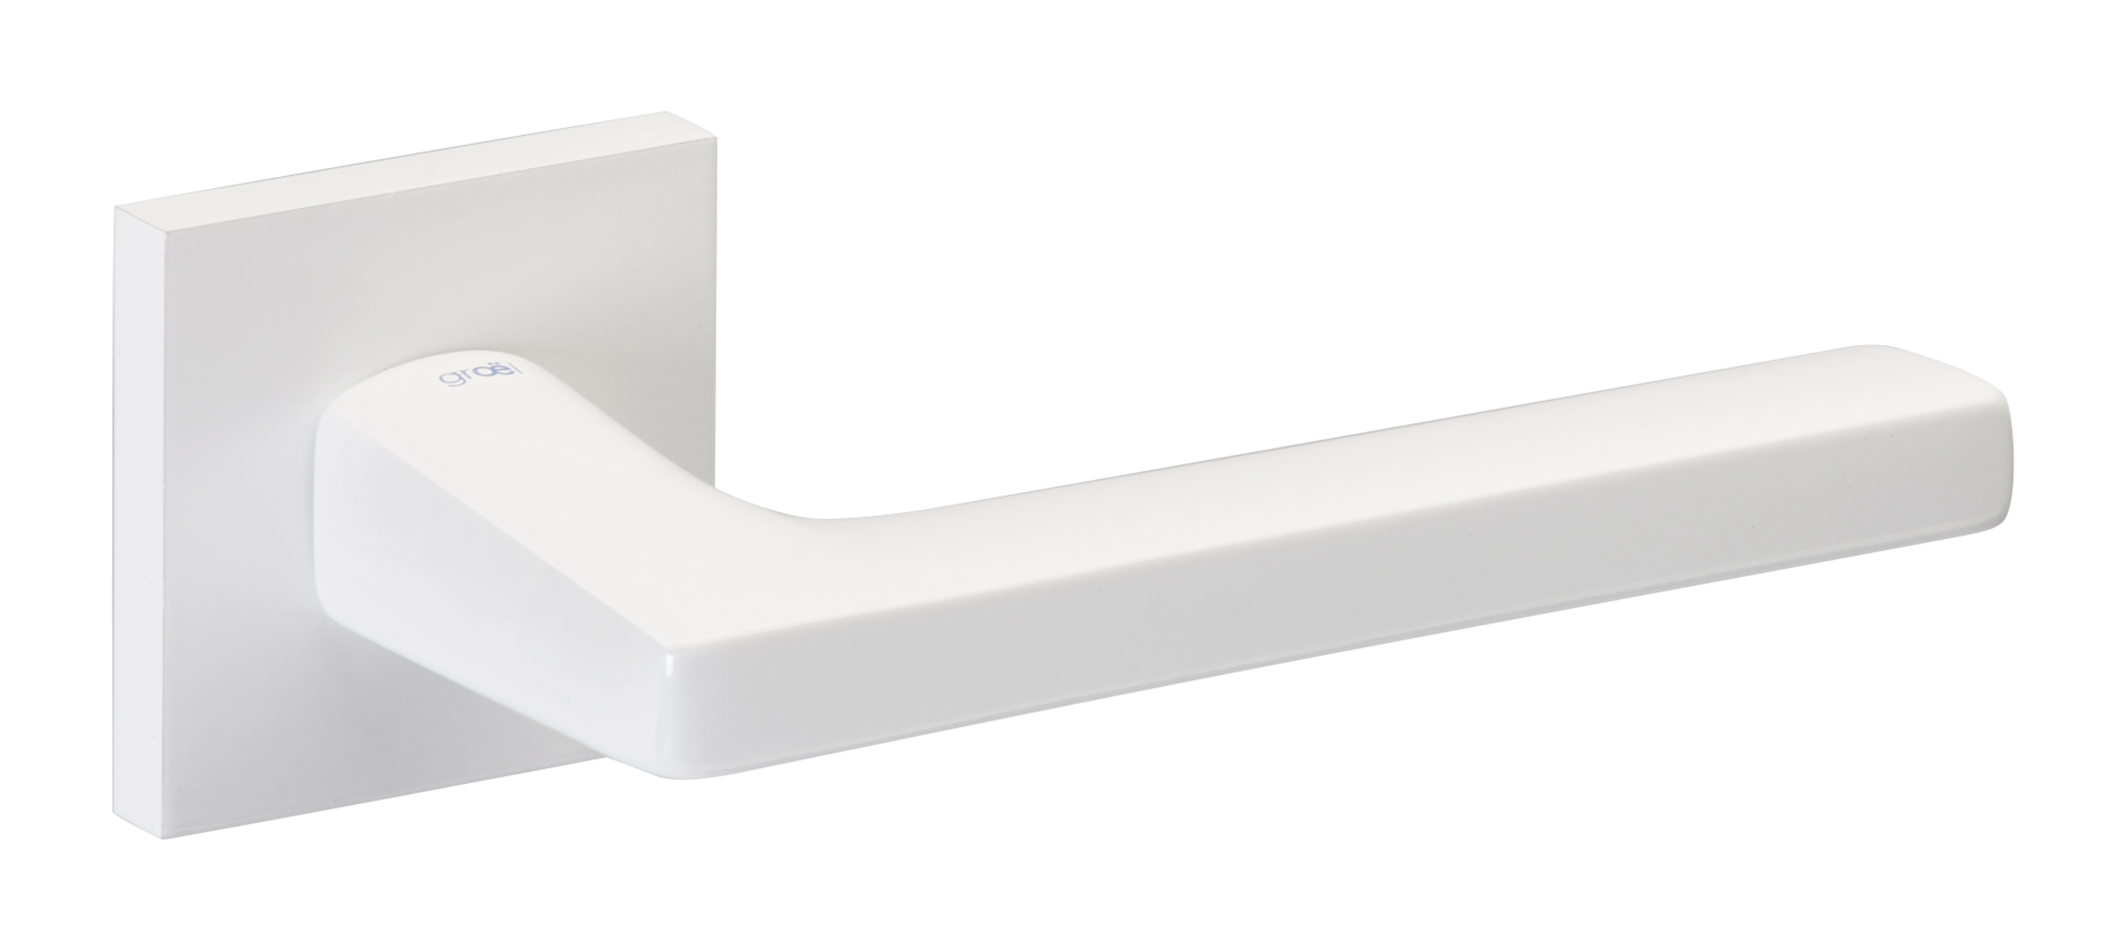 Juego de manillas cuadrado blanco brillo 117 - Manivelas puertas interior ...